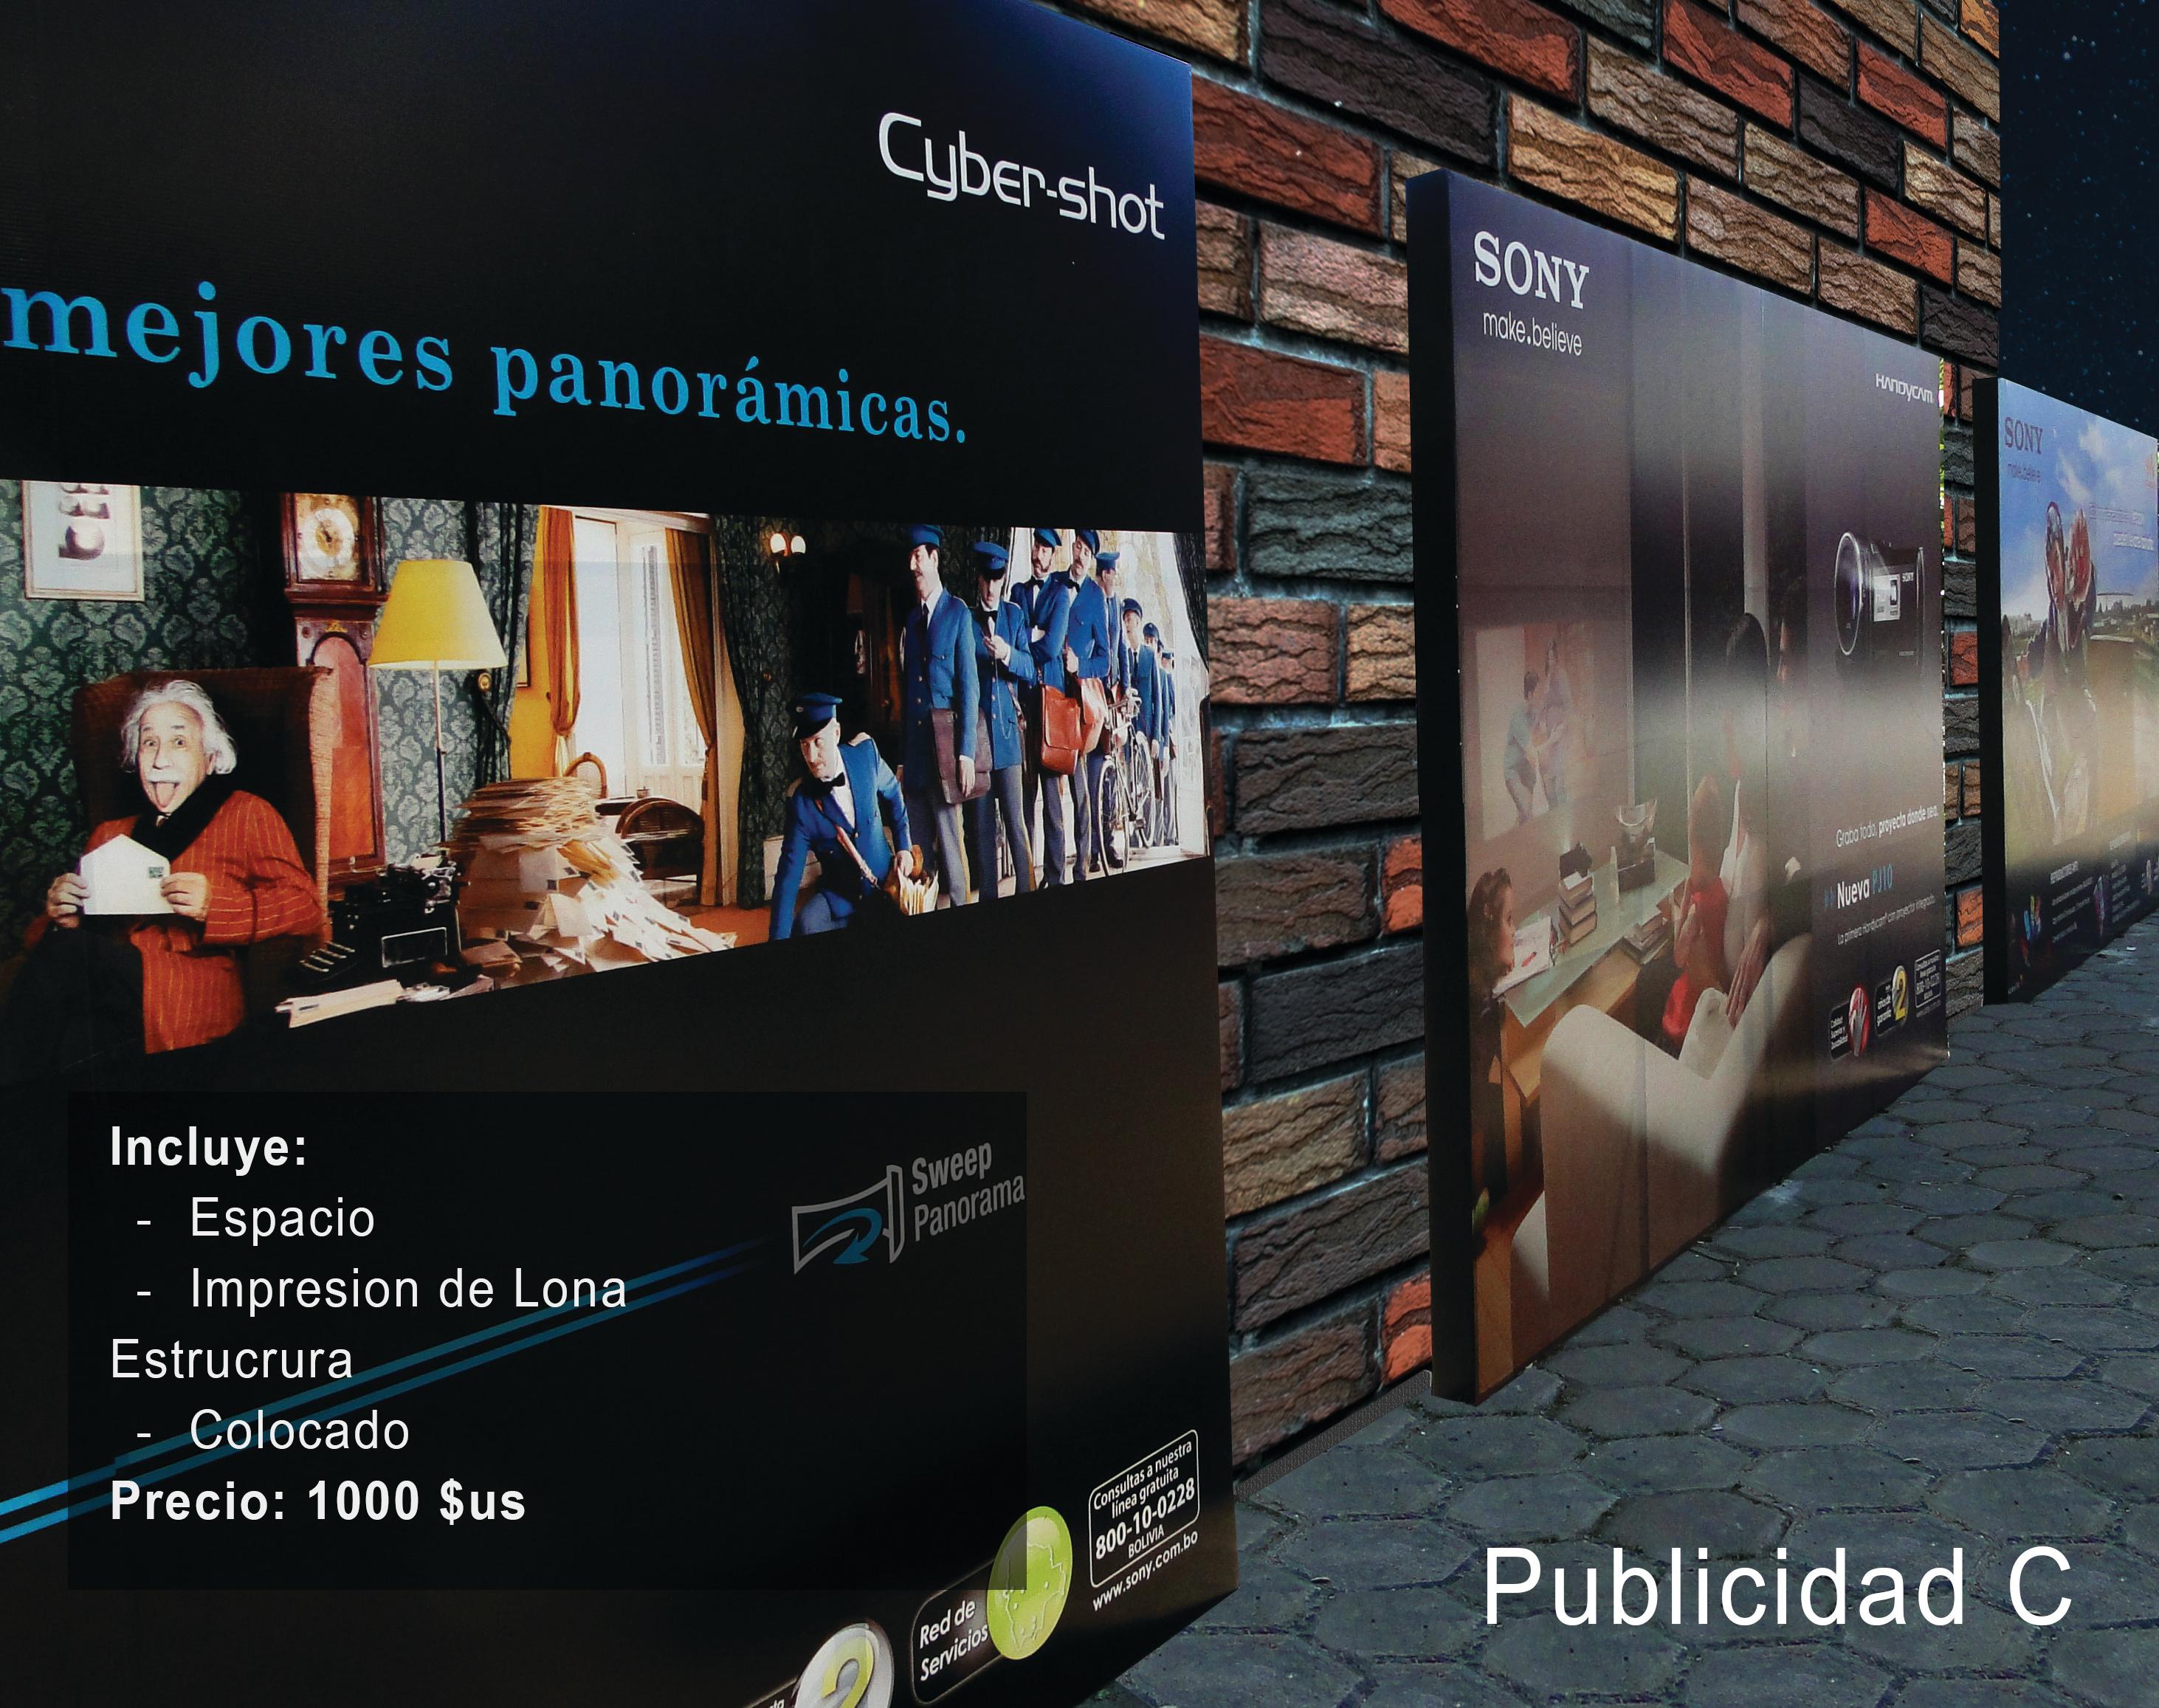 Publicidad C